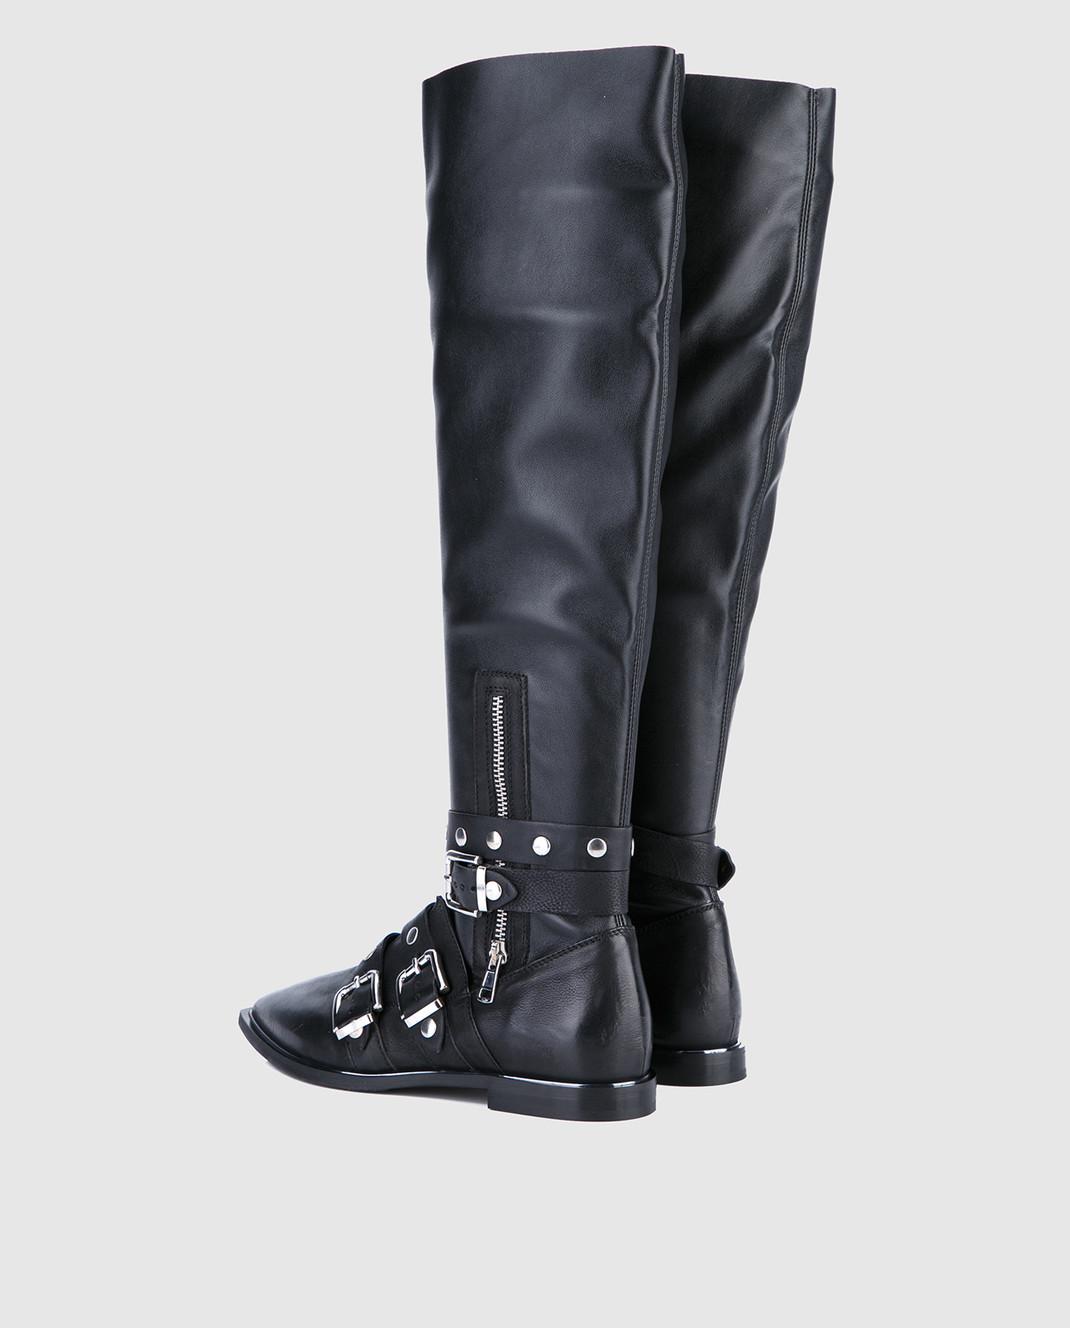 Fru it Черные кожаные сапоги 4865 изображение 3